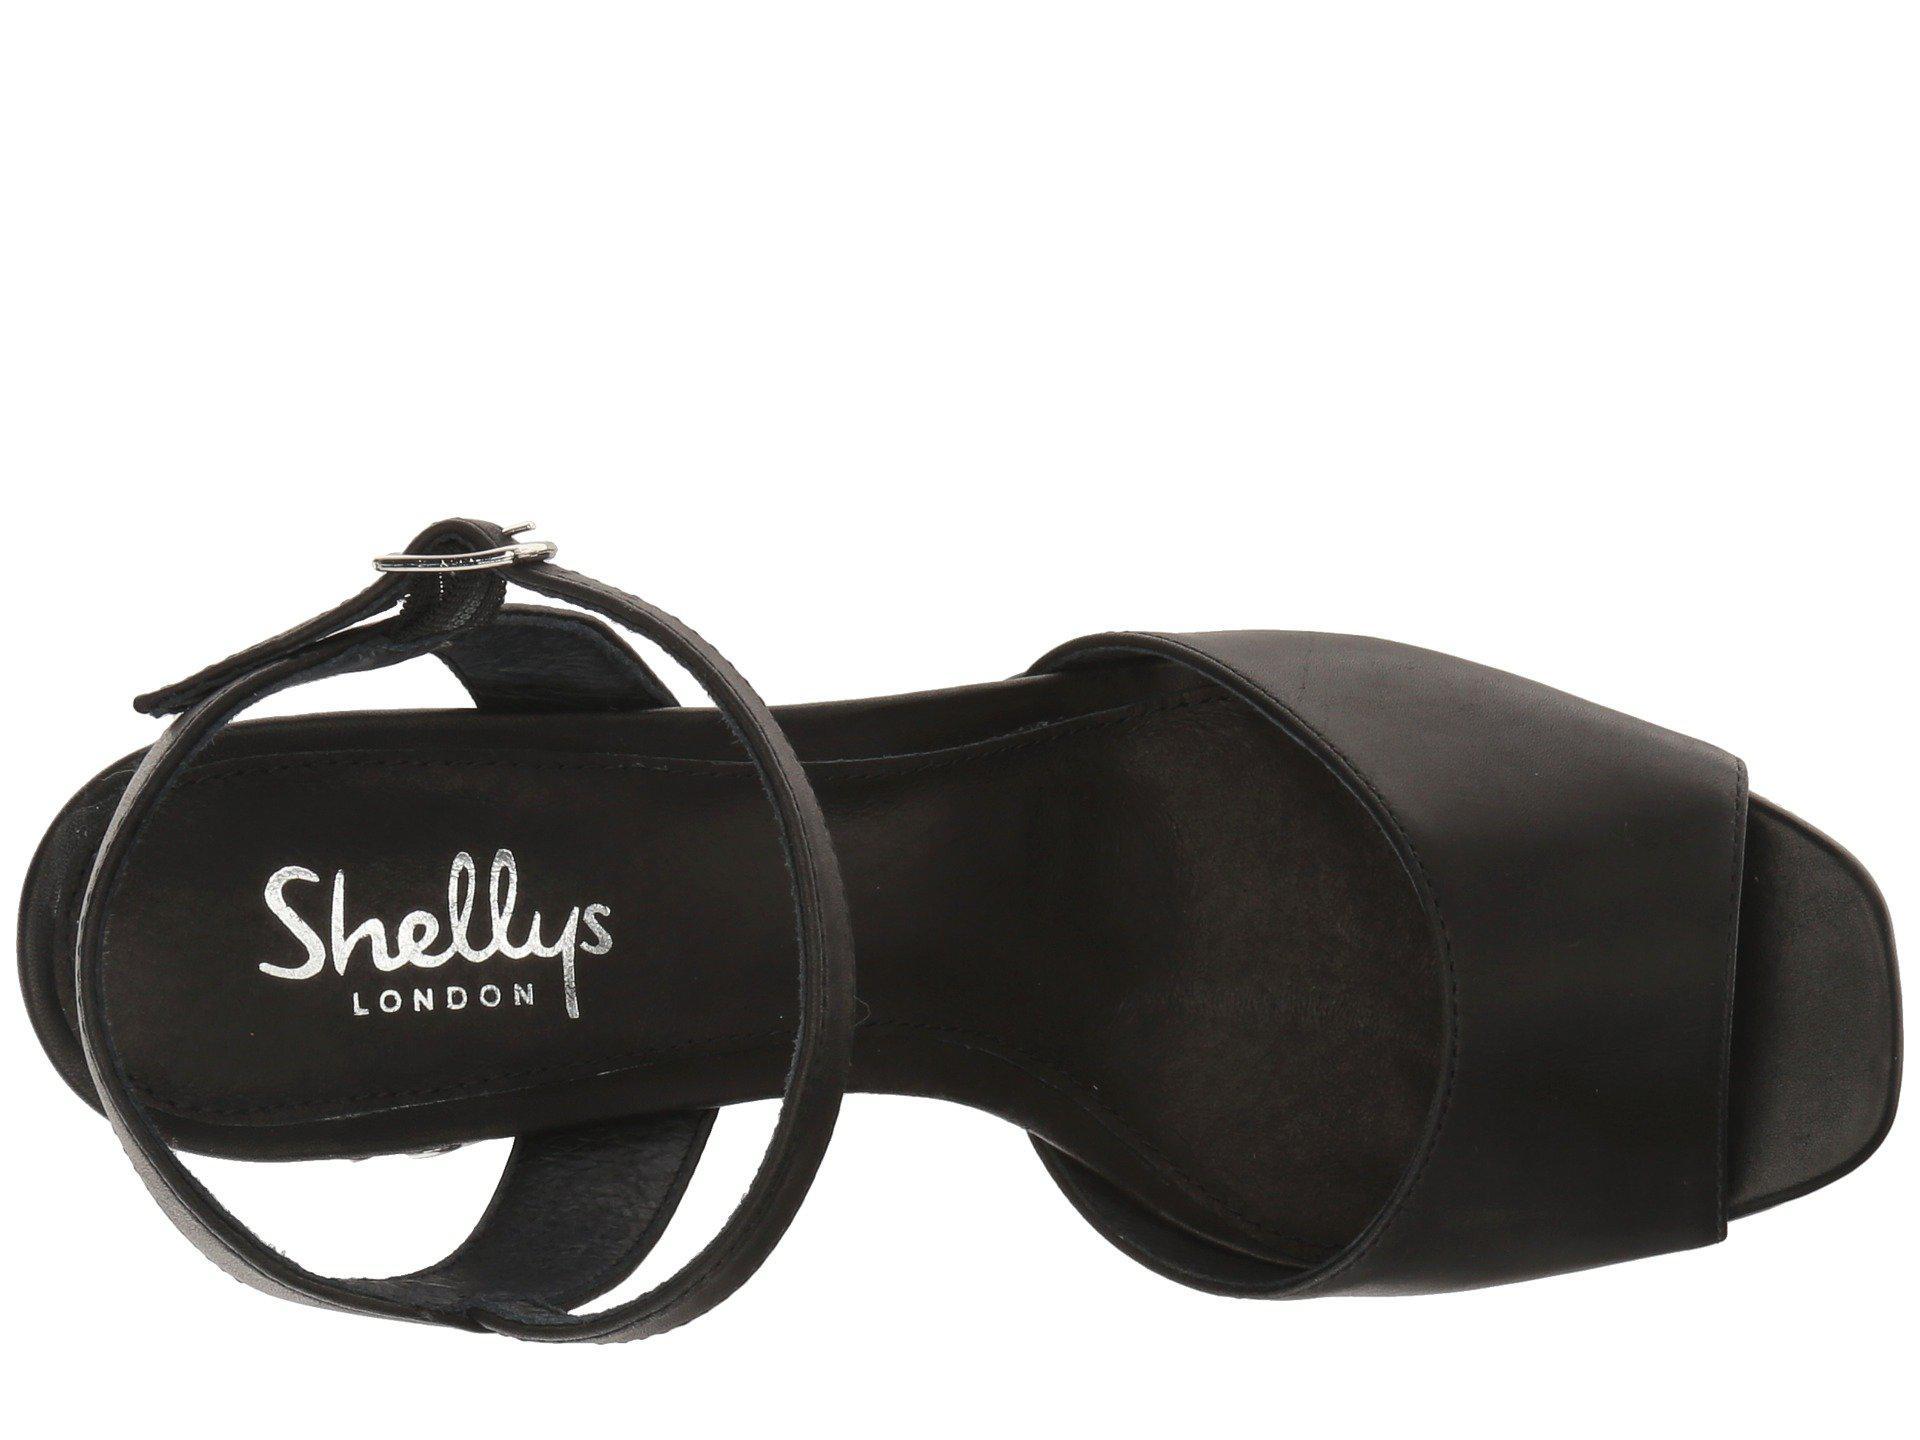 Daya Studded Heel Shellys London NnkFlg1o